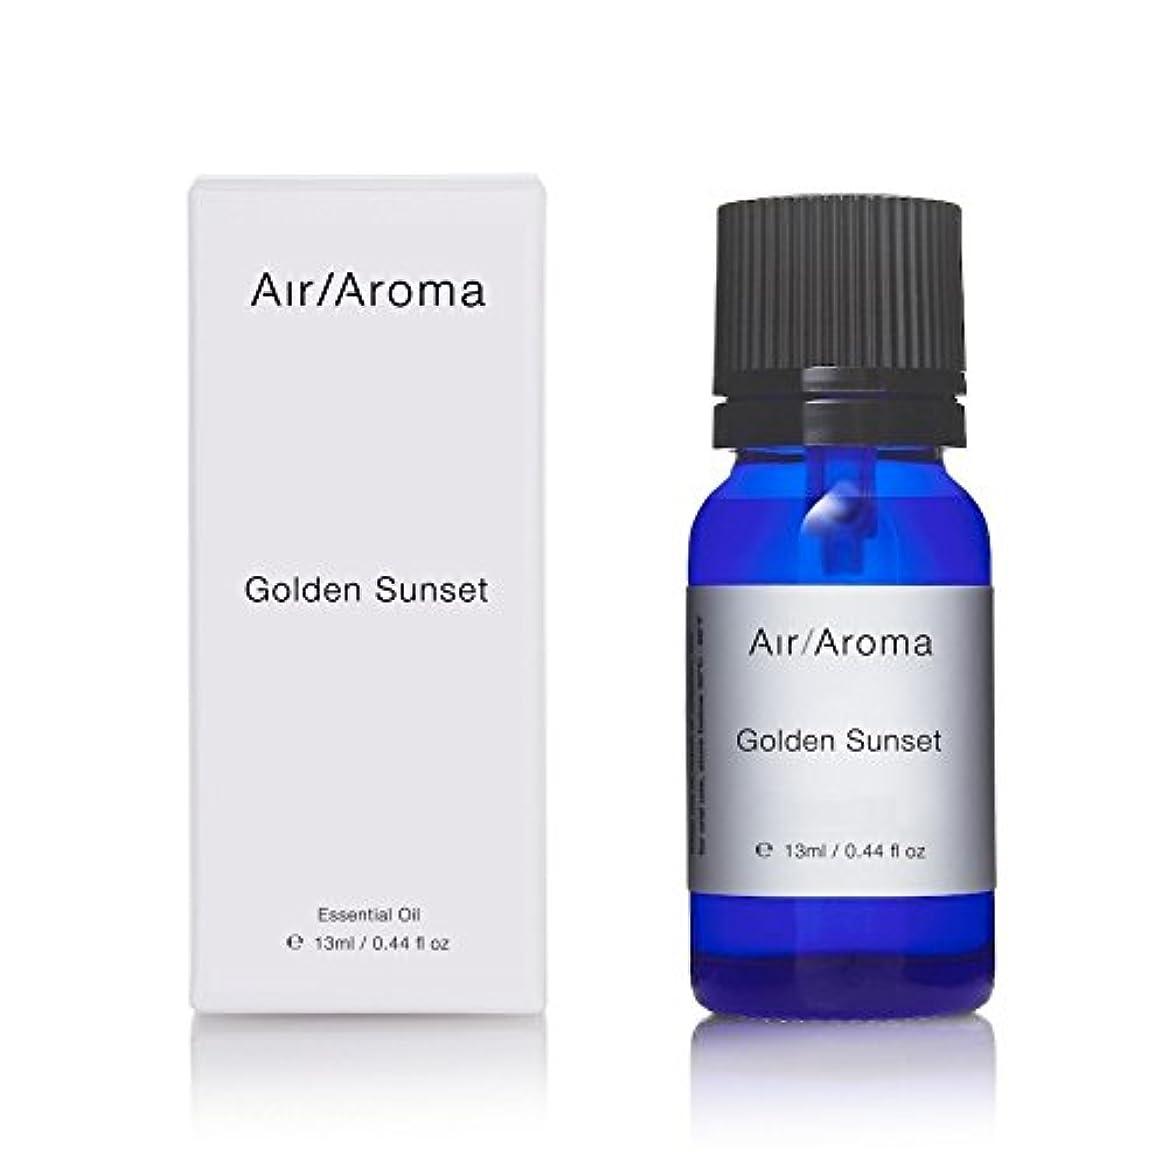 光の検閲批判的にエアアロマ golden sunset (ゴールデンサンセット) 13ml